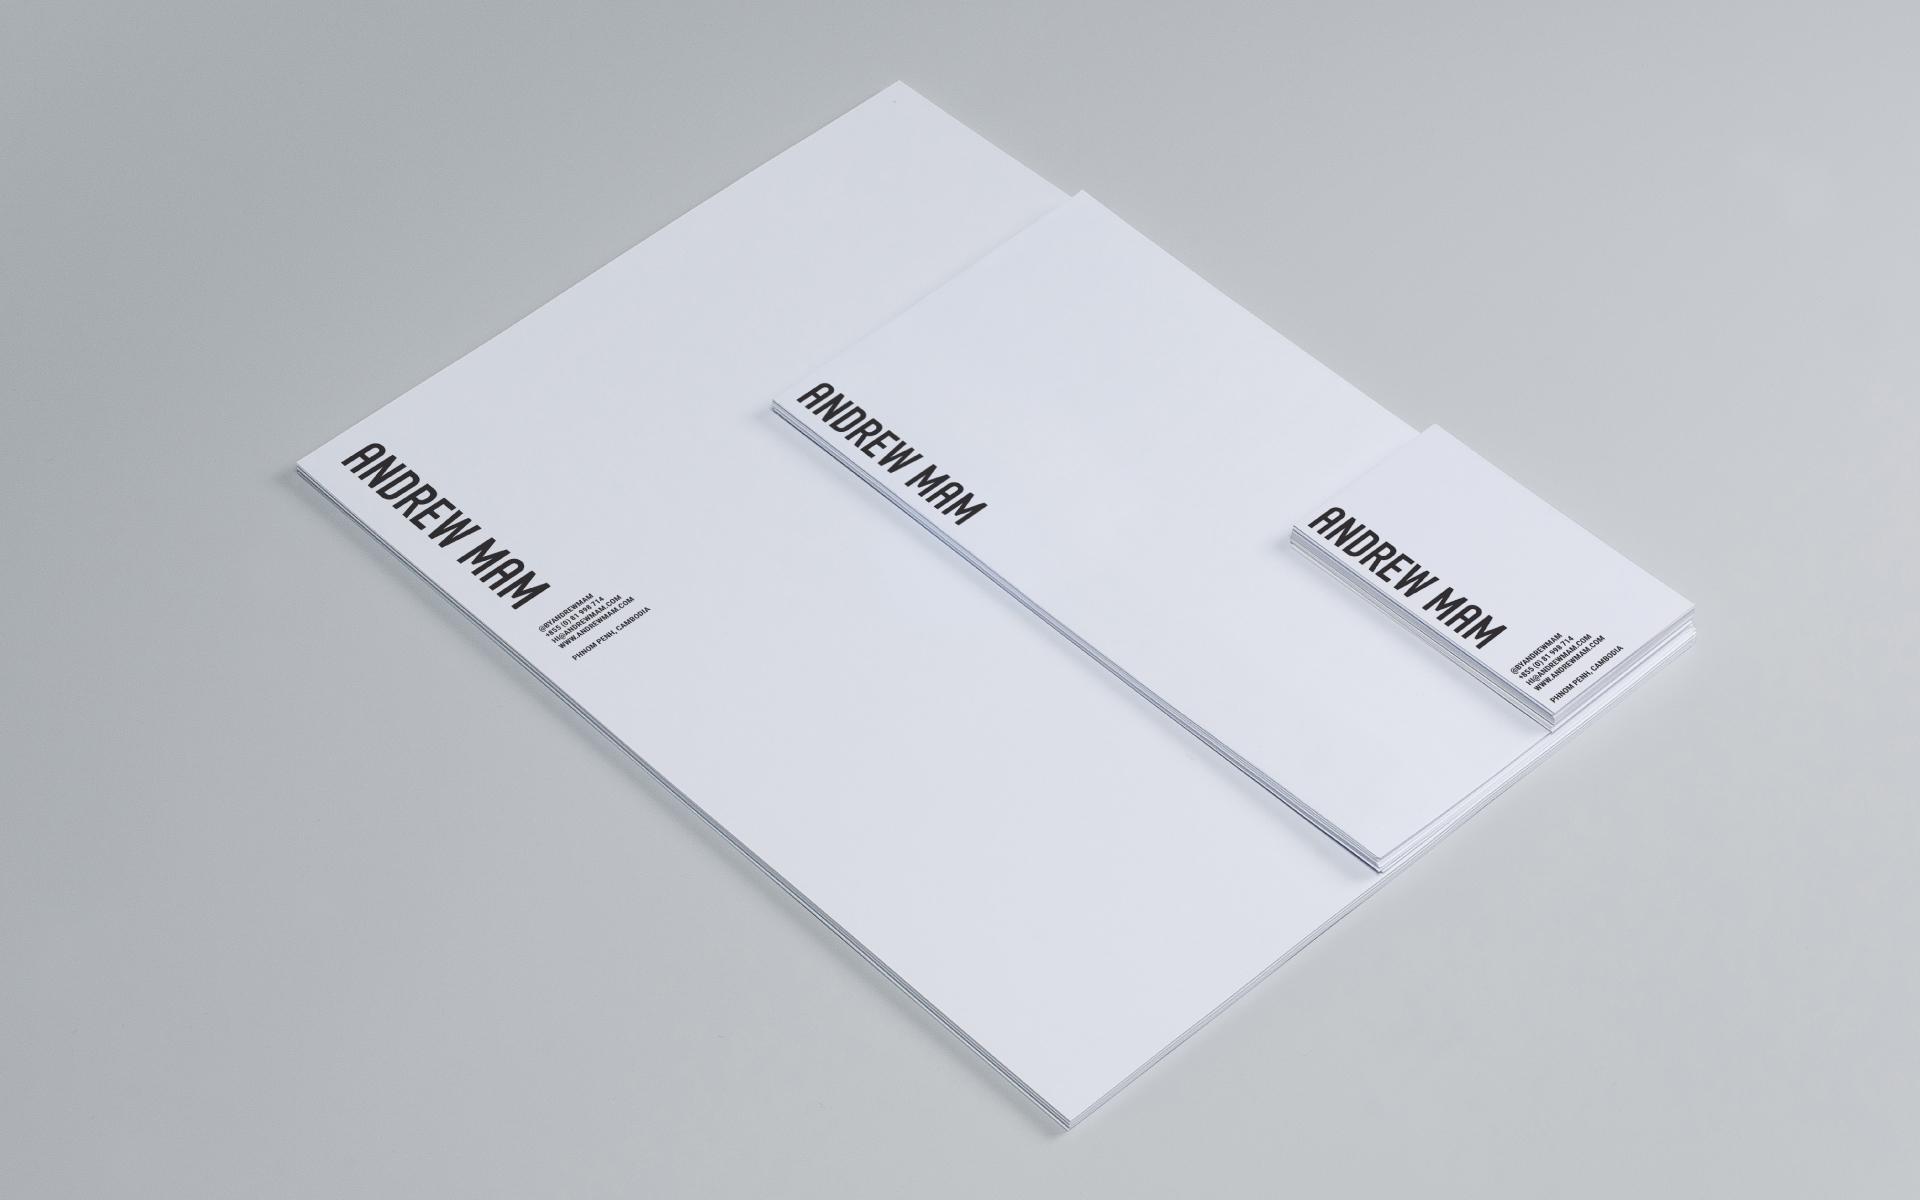 Andrew-Mam-Brand-Identity-Design-4.jpg